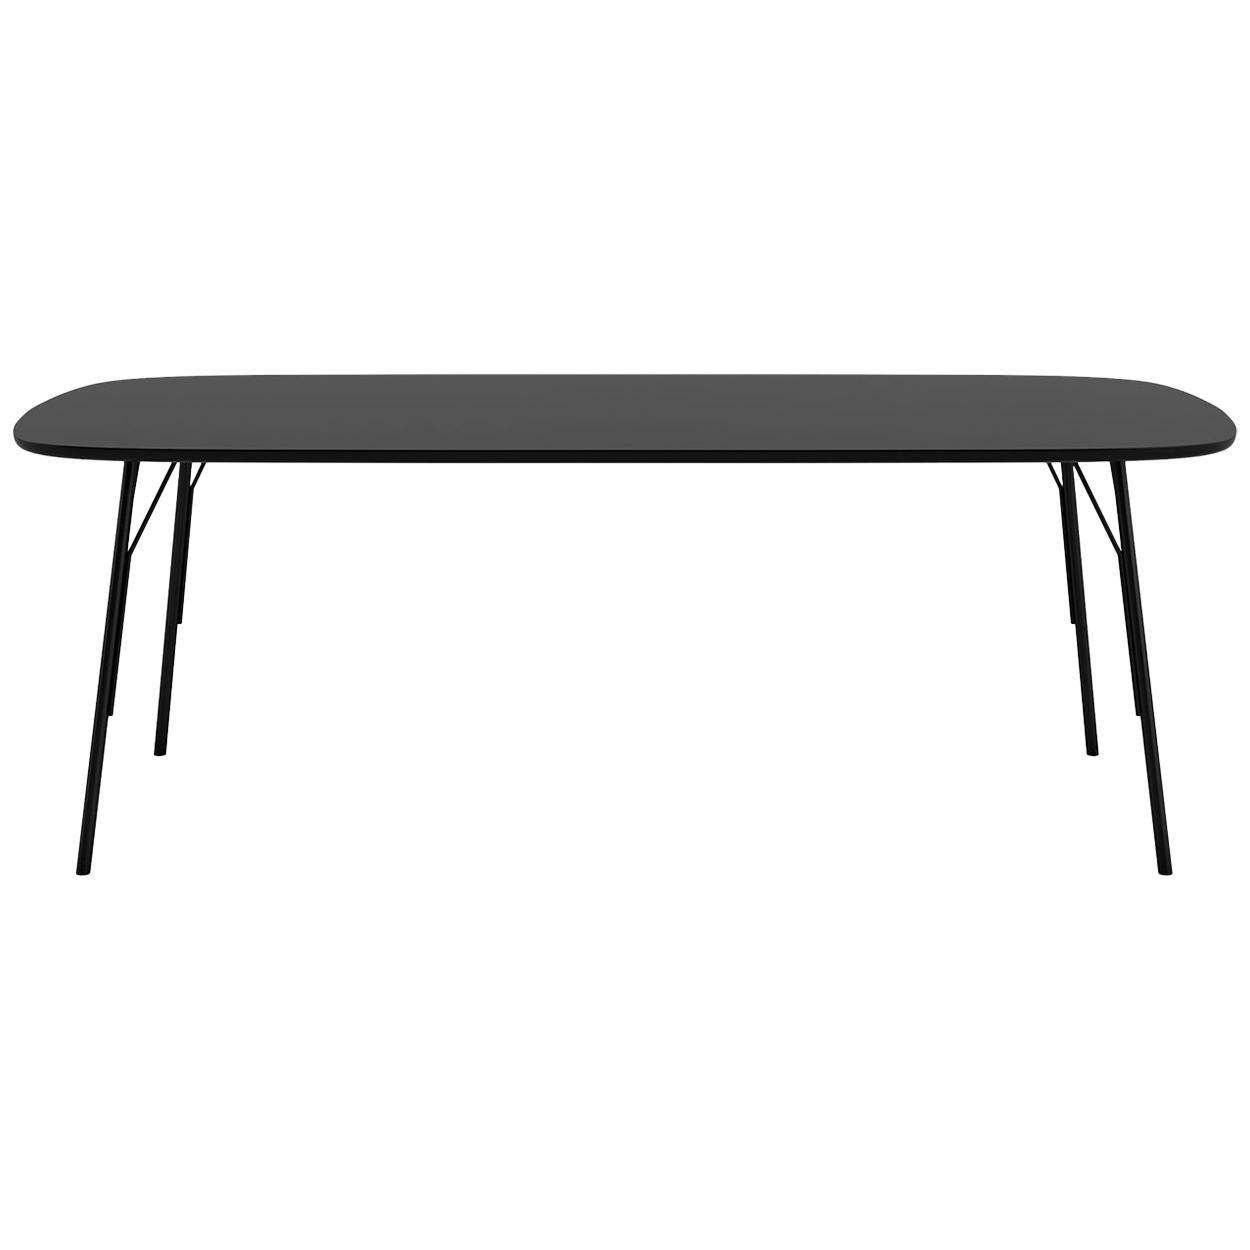 Tacchini Kelly T Small Table in Black by Claesson Koivisto Rune